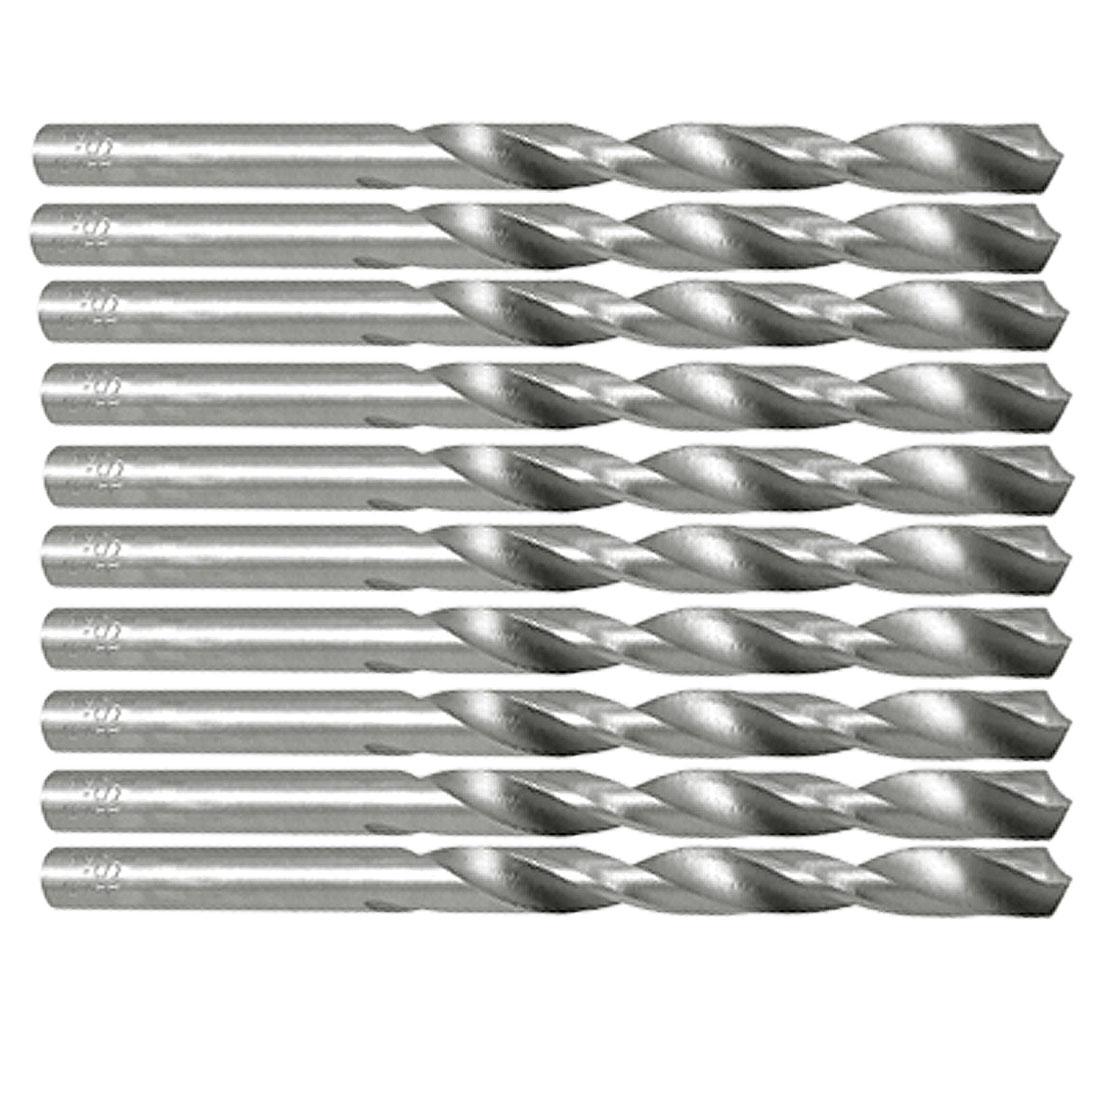 5.2mm Diameter HSS Steel Straight Shank Twist Drill Bits Tips 10pcs